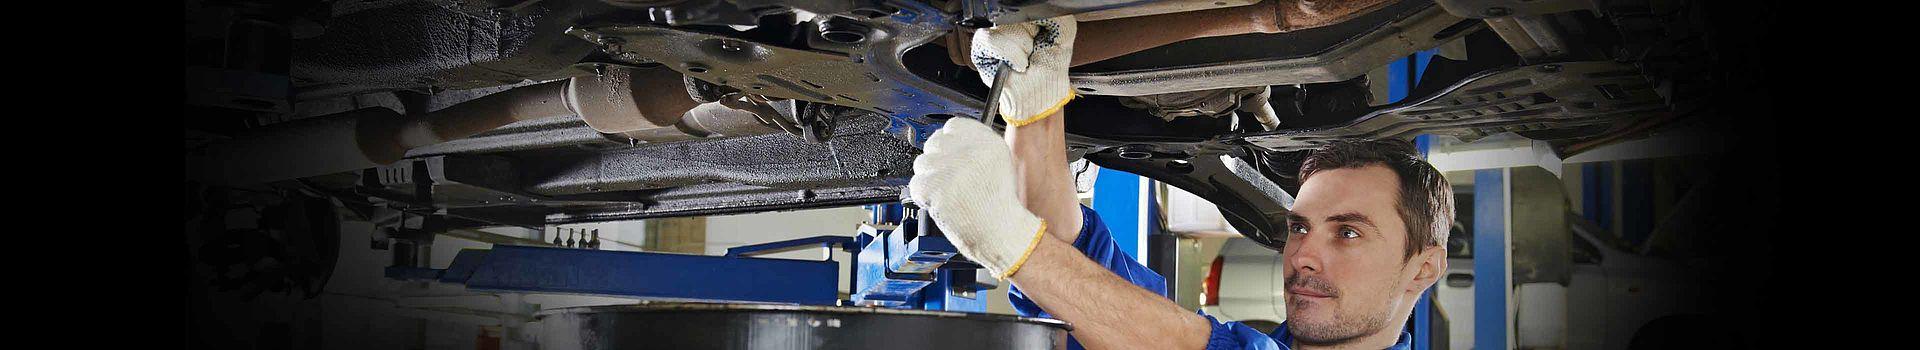 Ein Mechaniker arbeitet unter einem Fahrzeug: Hier geht es zu den LIQUI MOLY Reparatur Produkten.